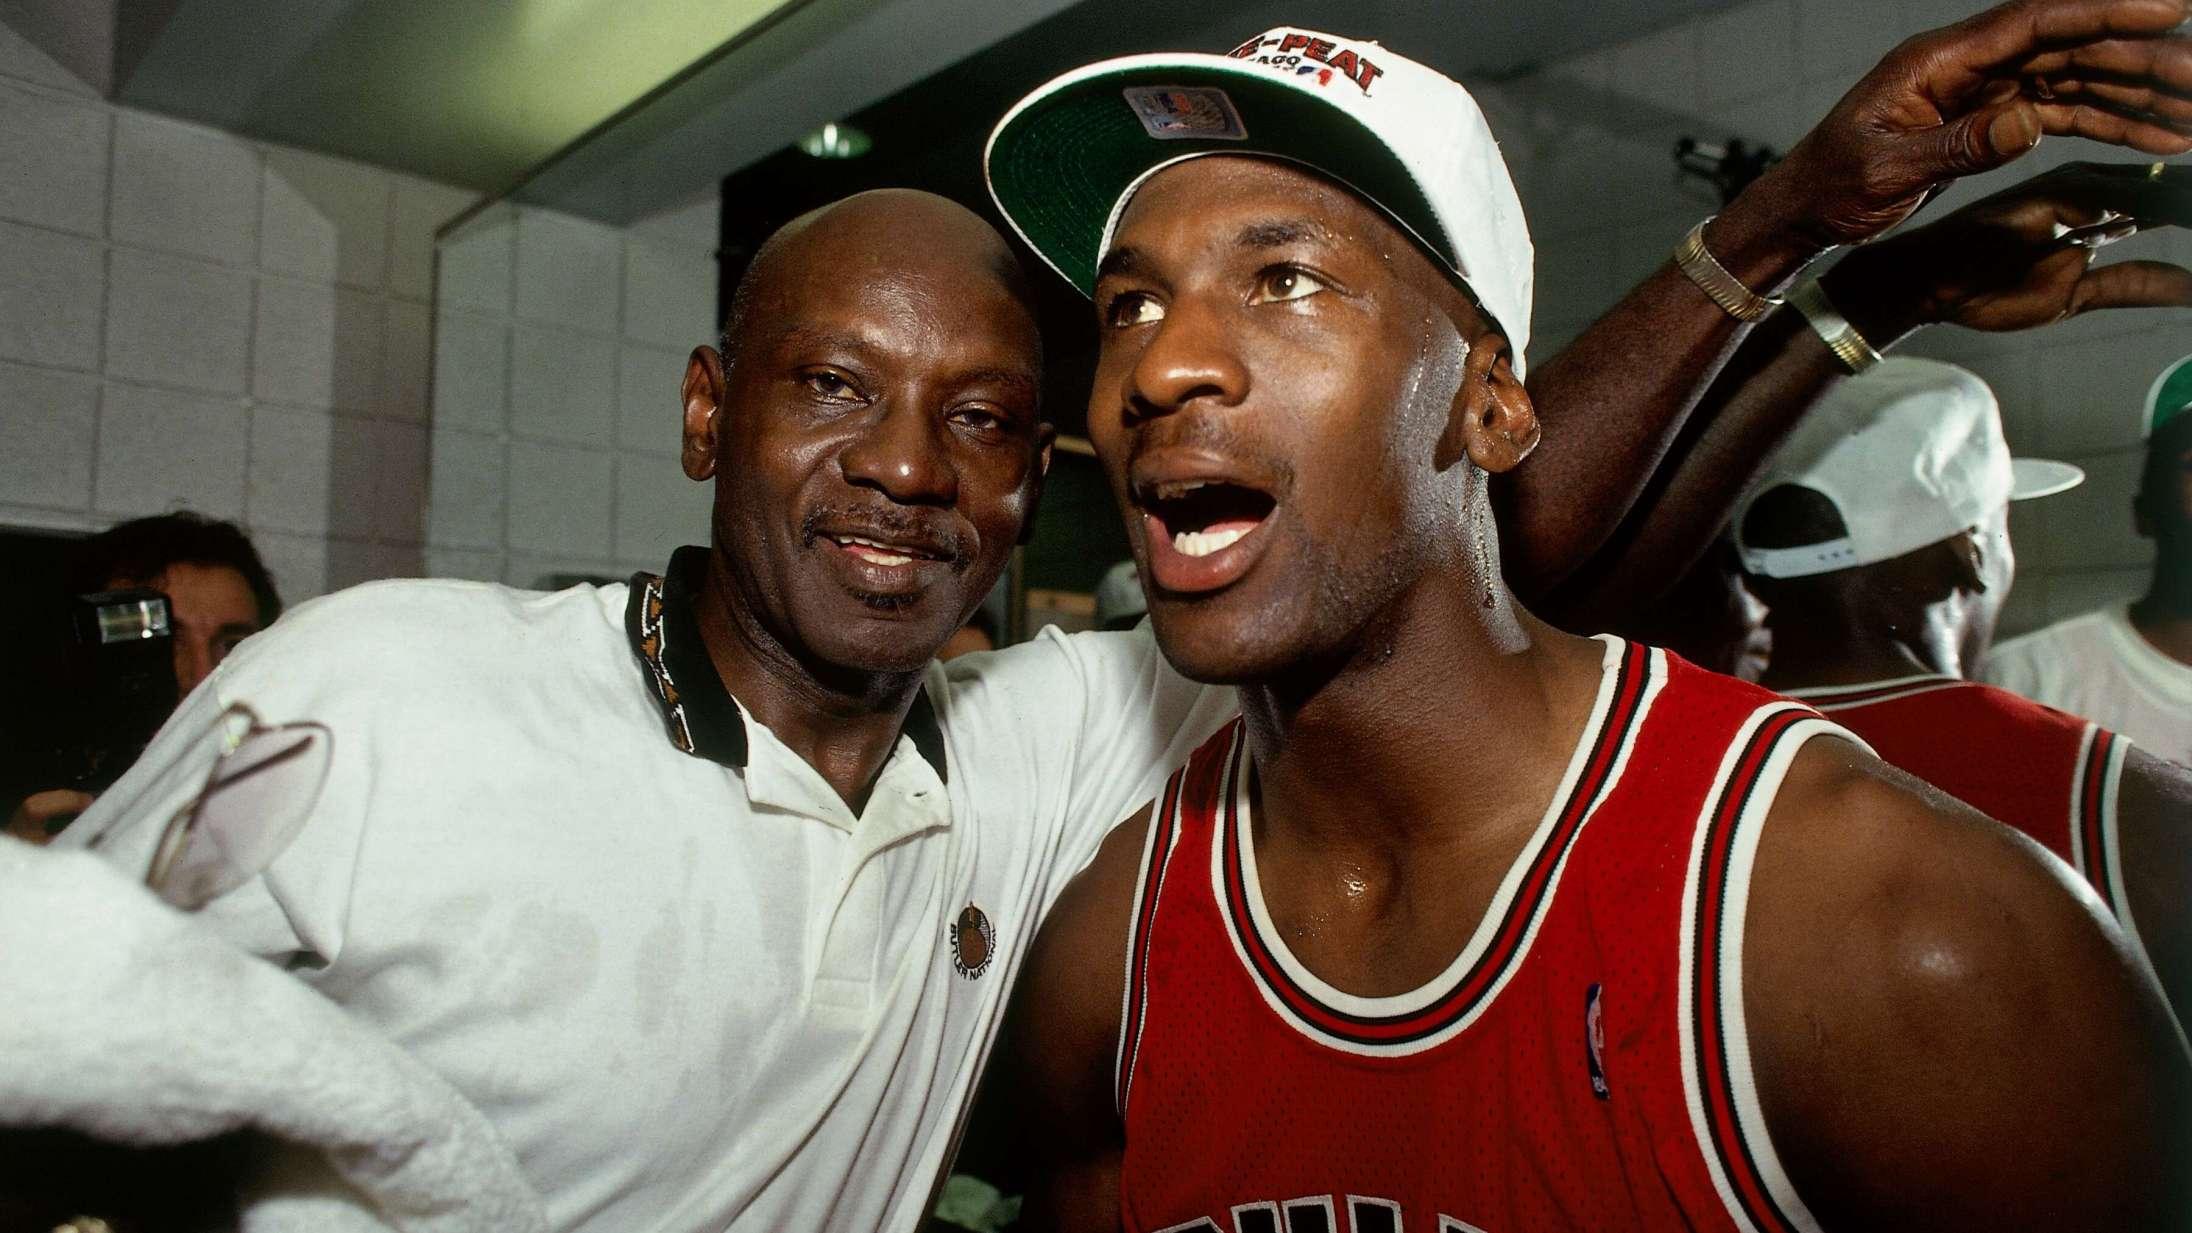 Den hykleriske kritik af Michael Jordan efter 'The Last Dance'